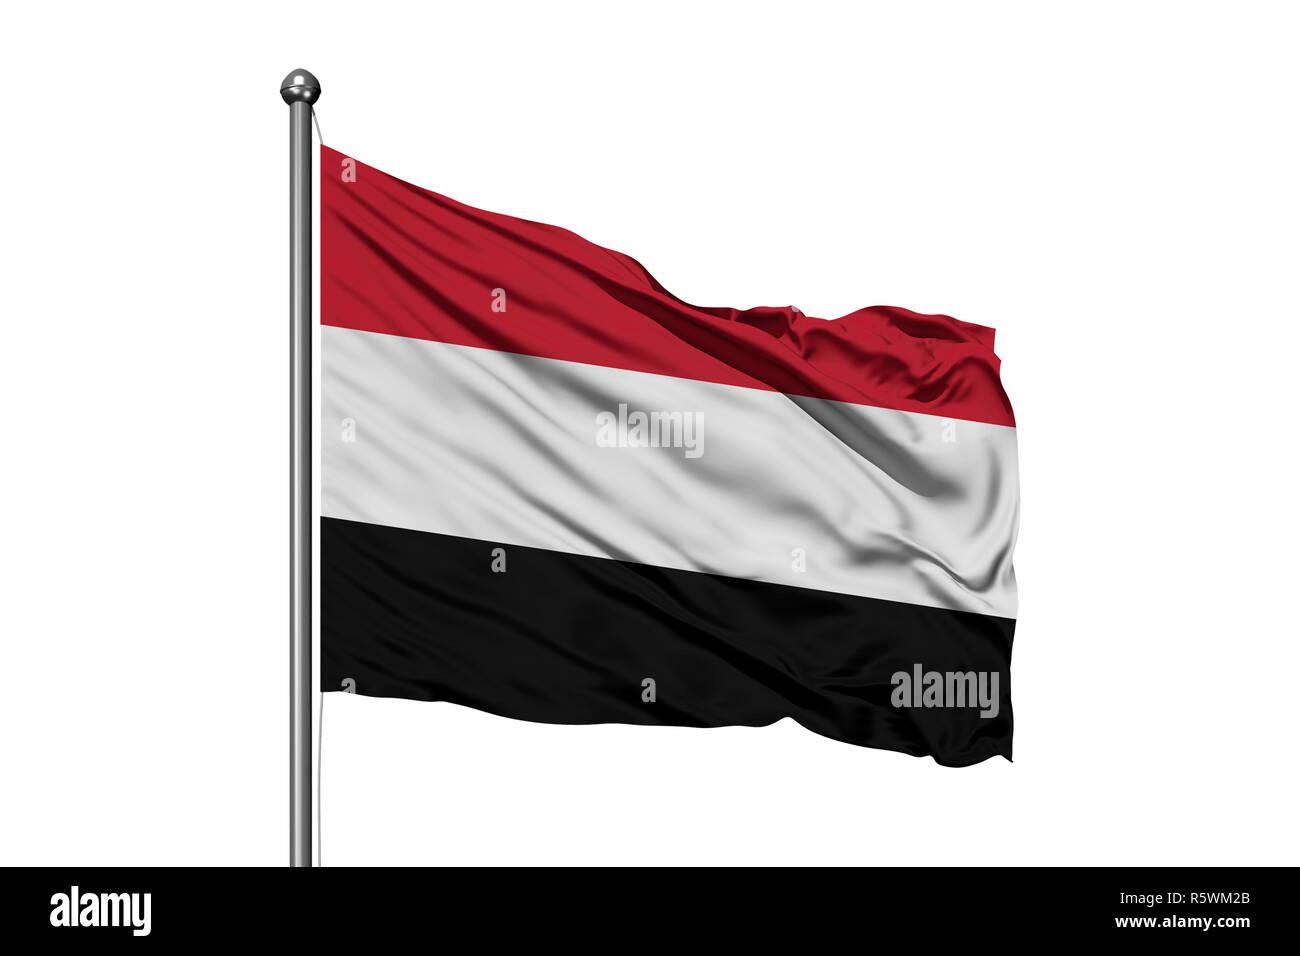 Flag of Yemen waving in the wind, isolated white background. Yemeni flag. - Stock Image